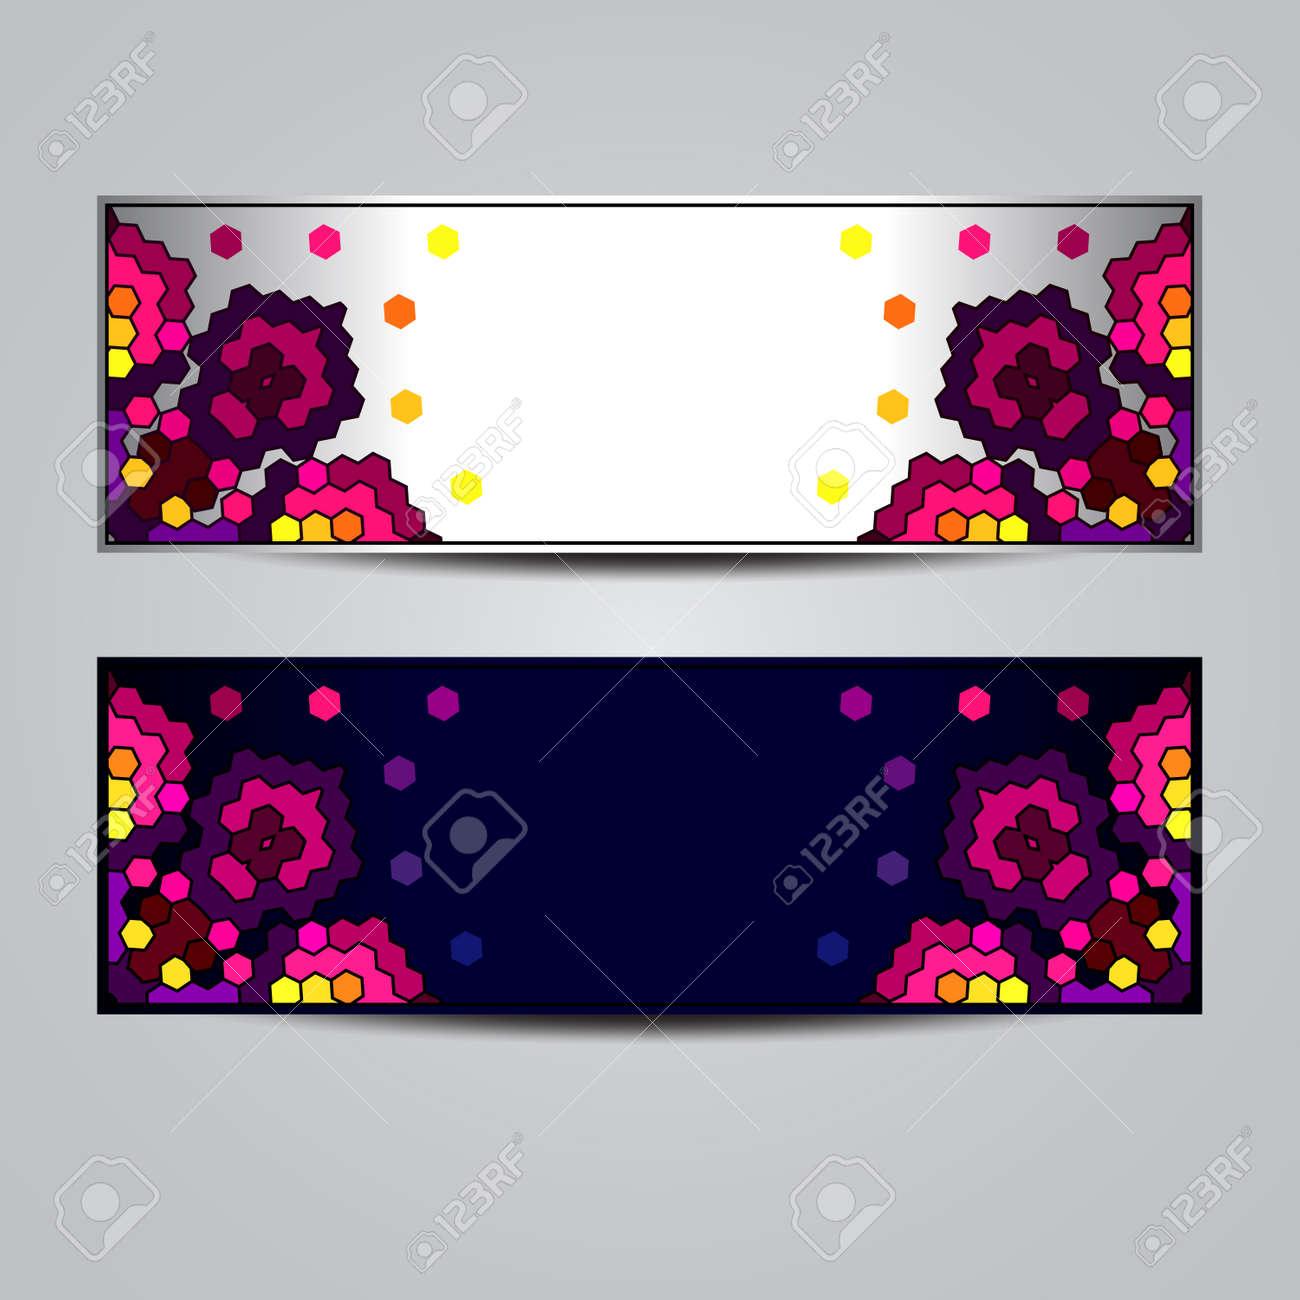 Banderas Abstractas Con El Ornamento Geométrico Plantilla De Diseño ...